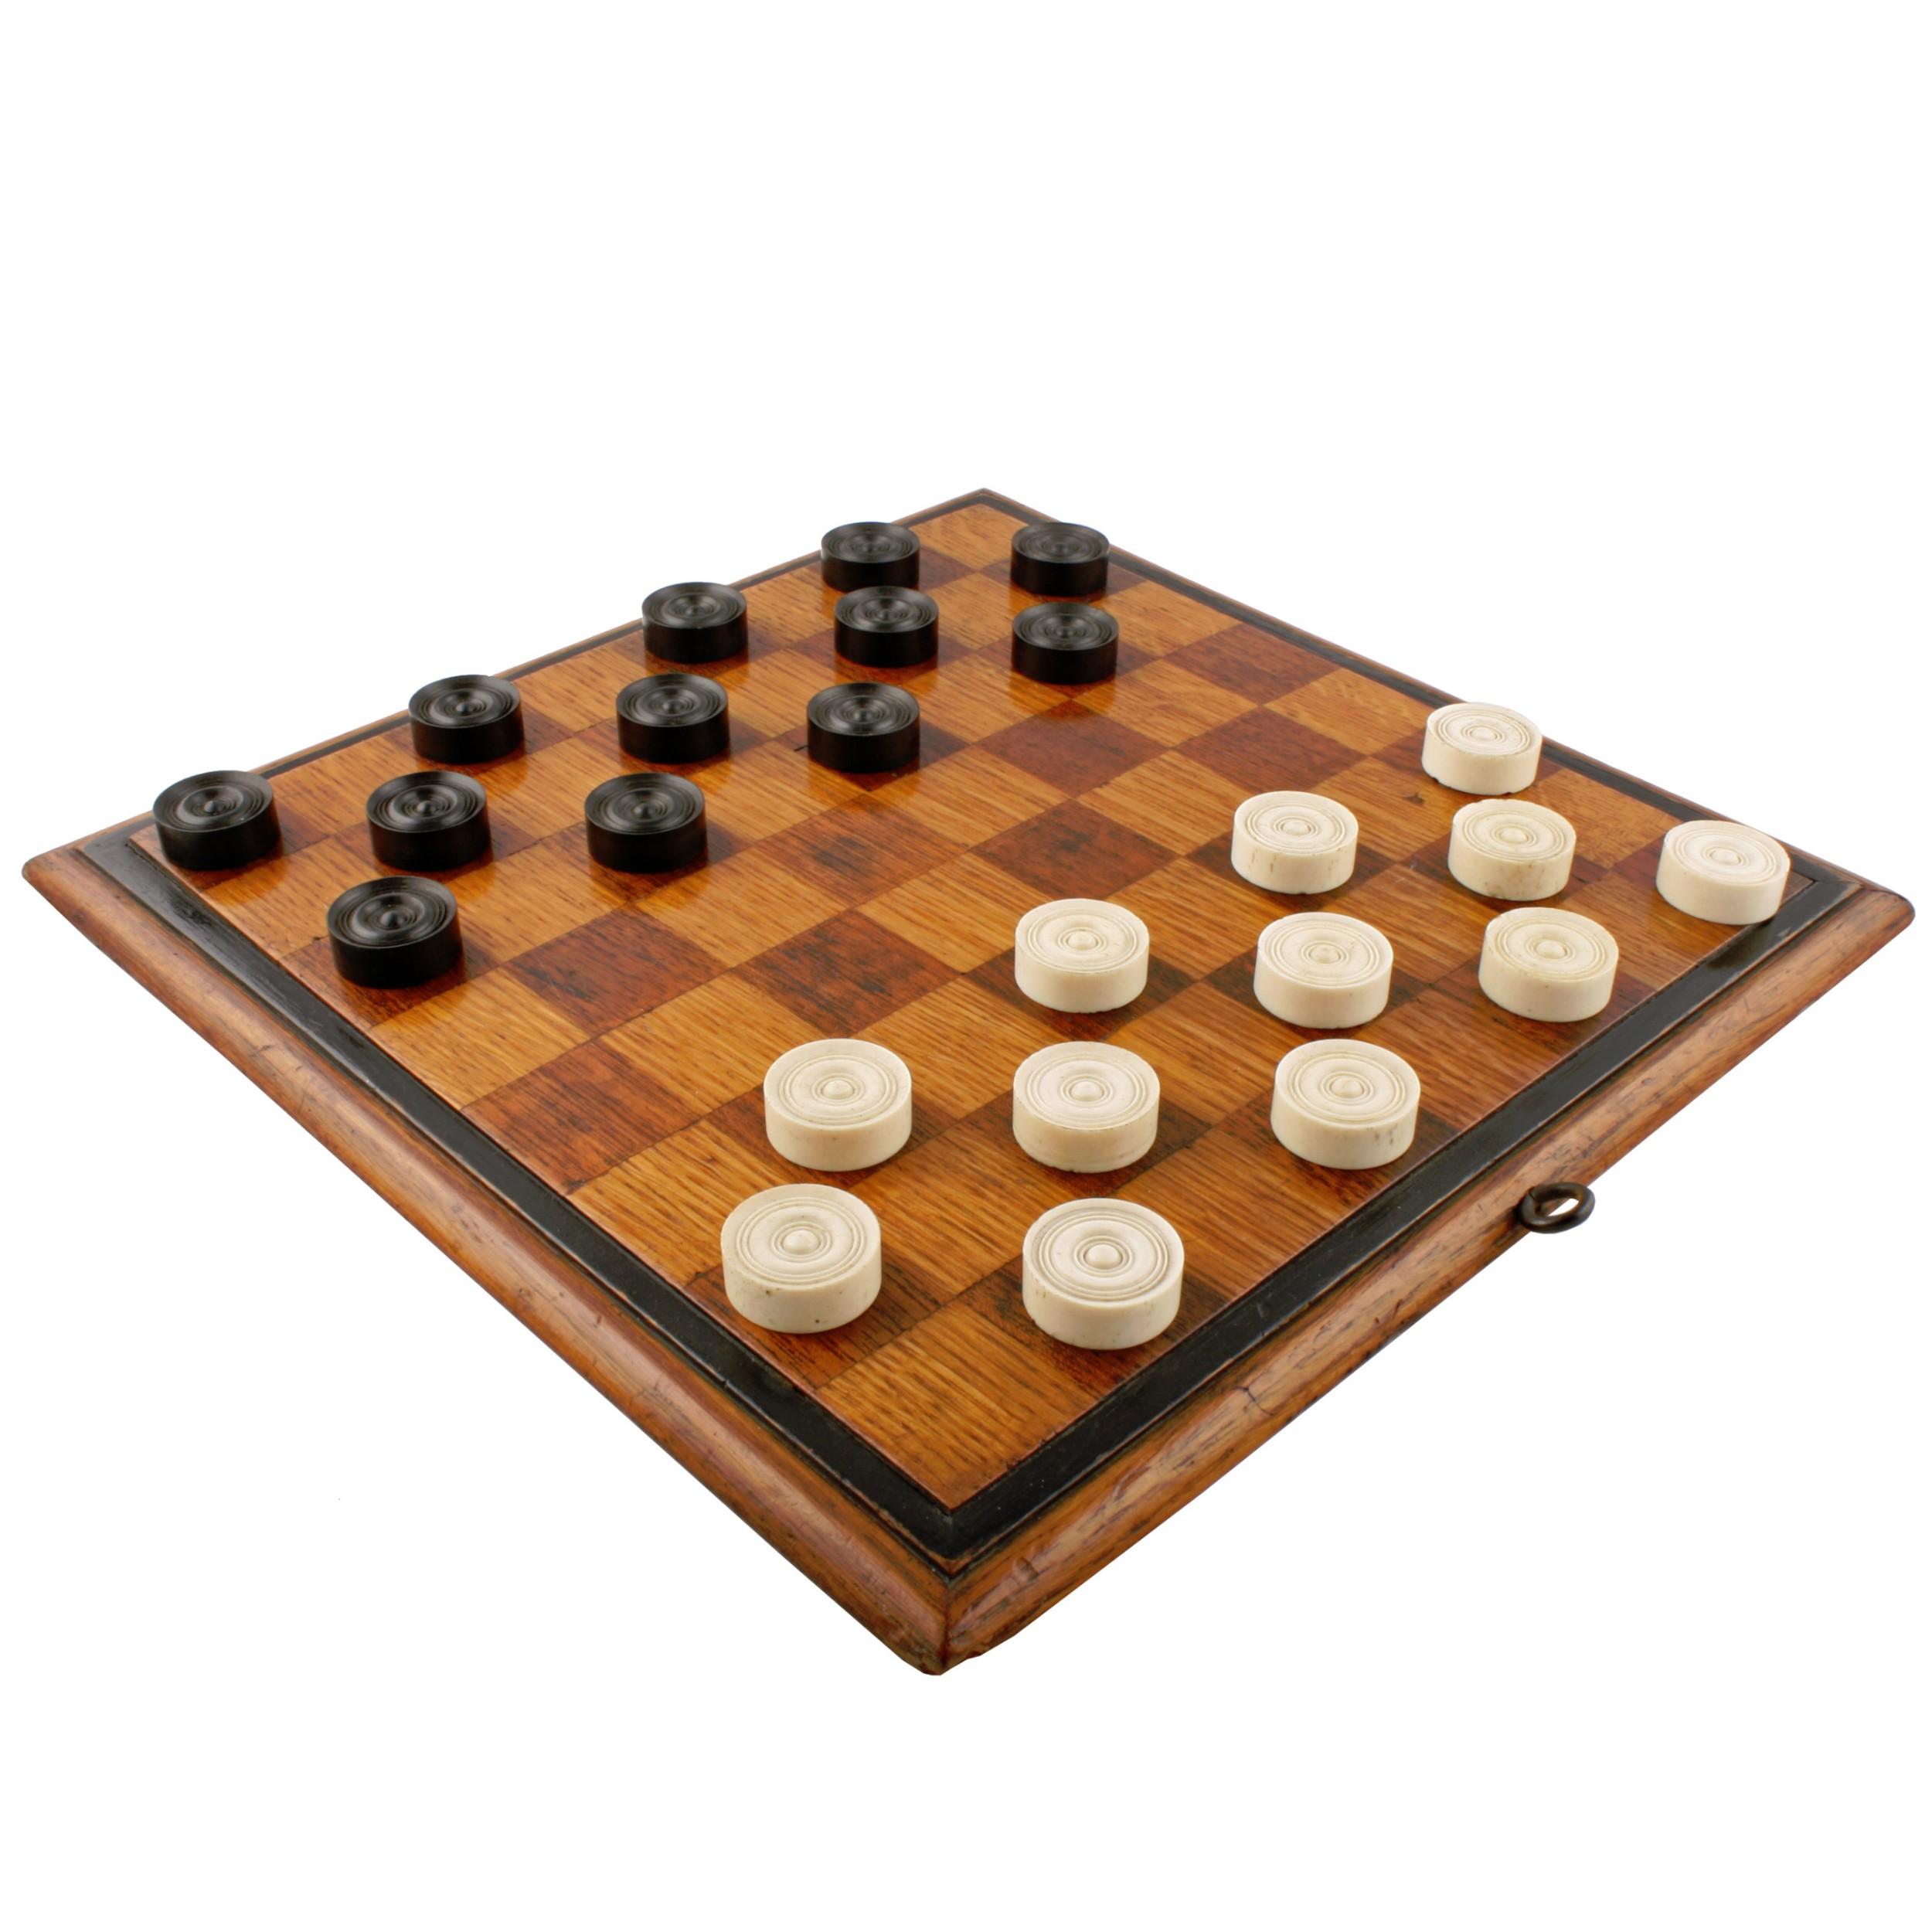 oak draughts board dominoes set